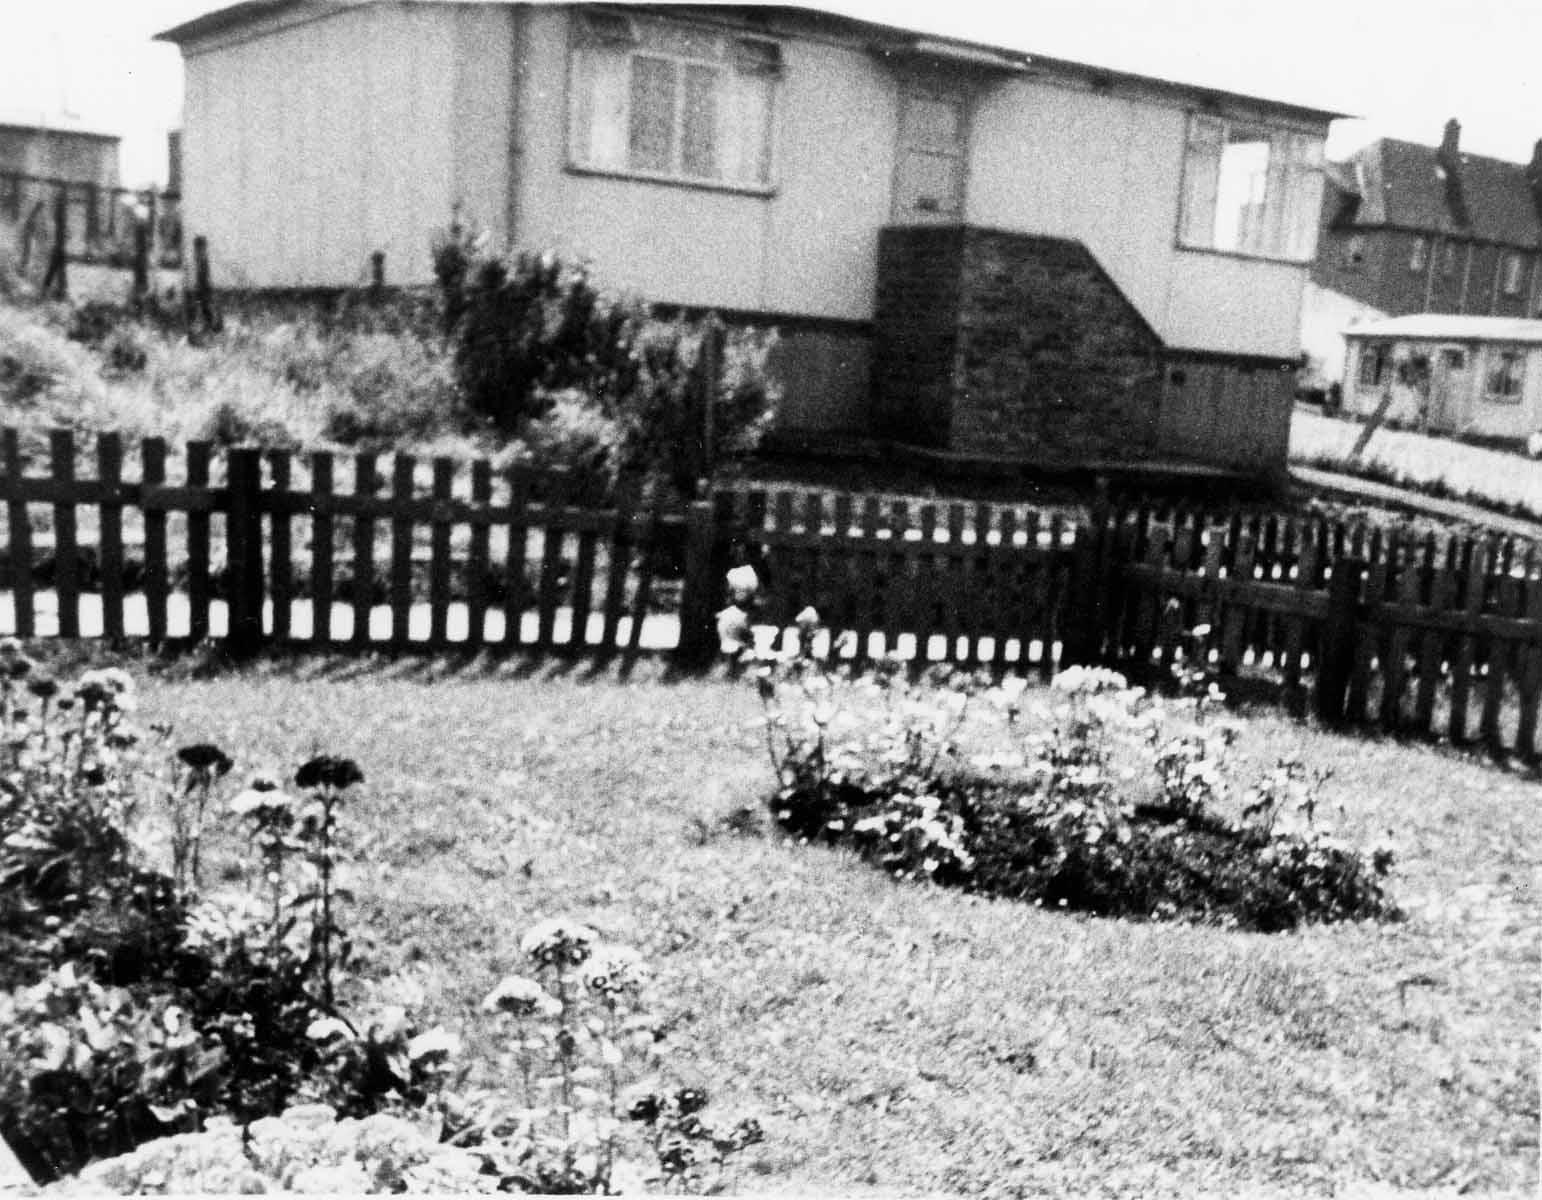 Prefab House And Garden At Moredun 1950s